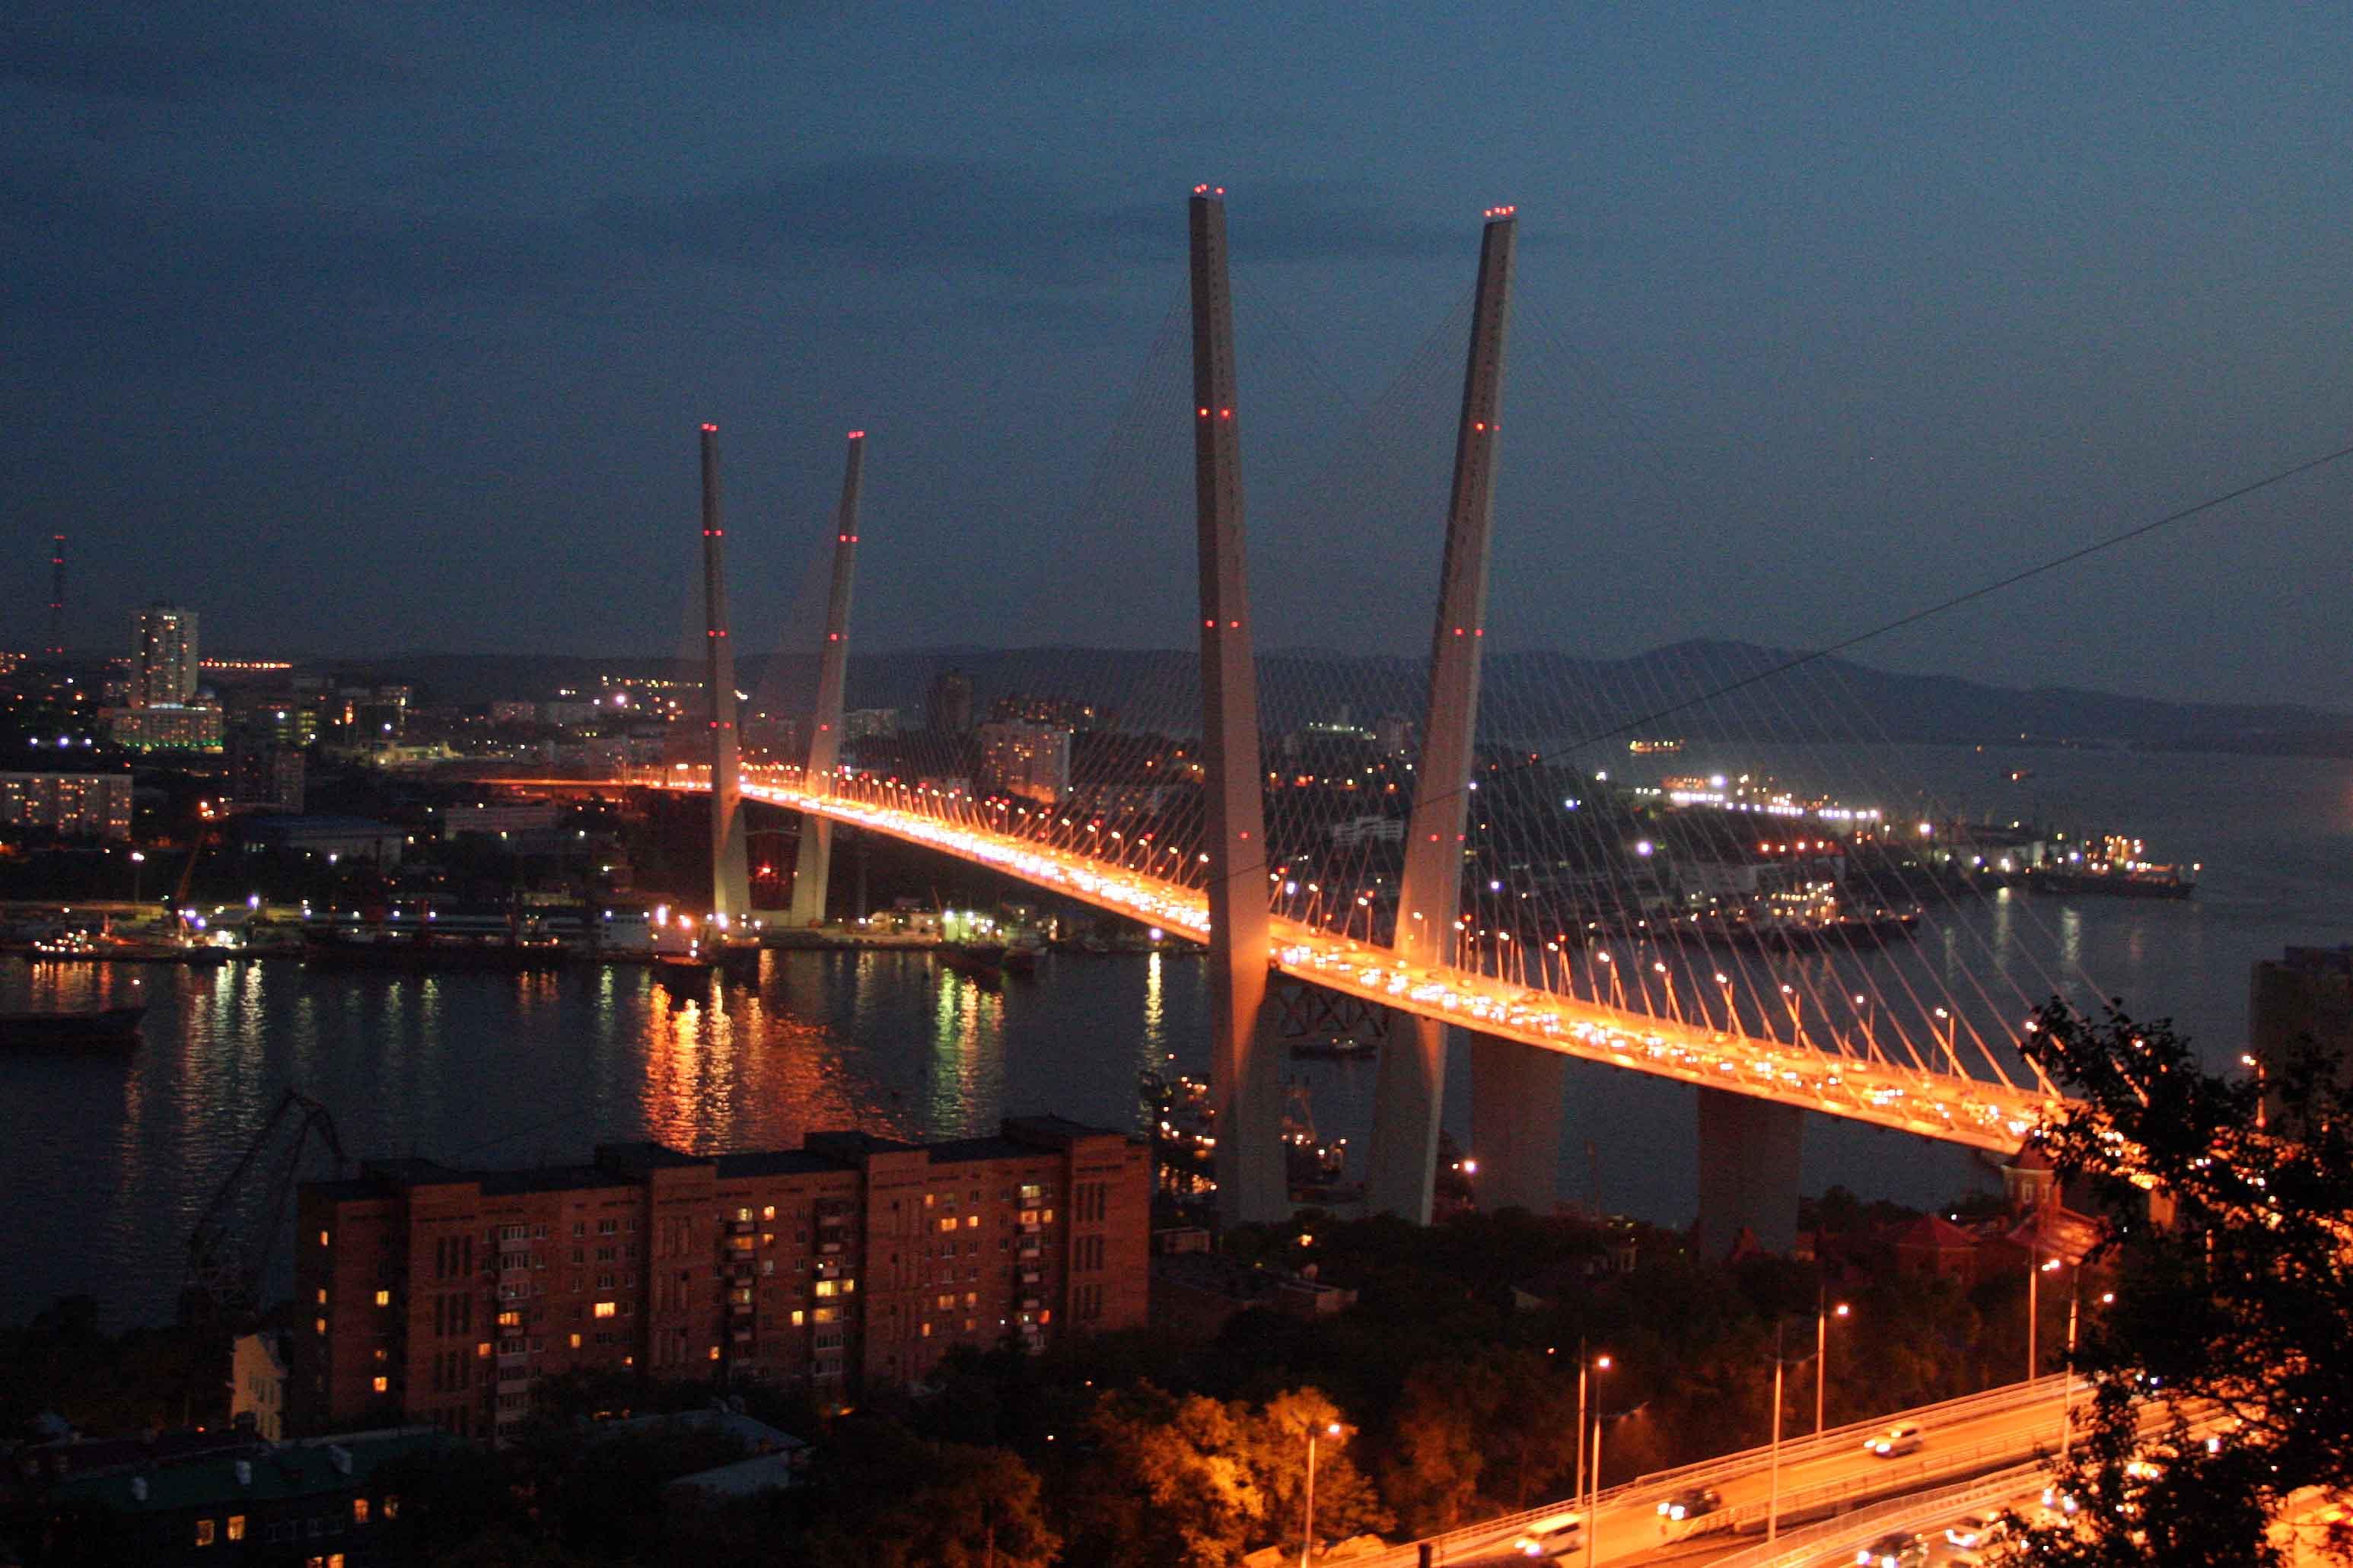 картинка мост ночью владивосток прекрасный отель города